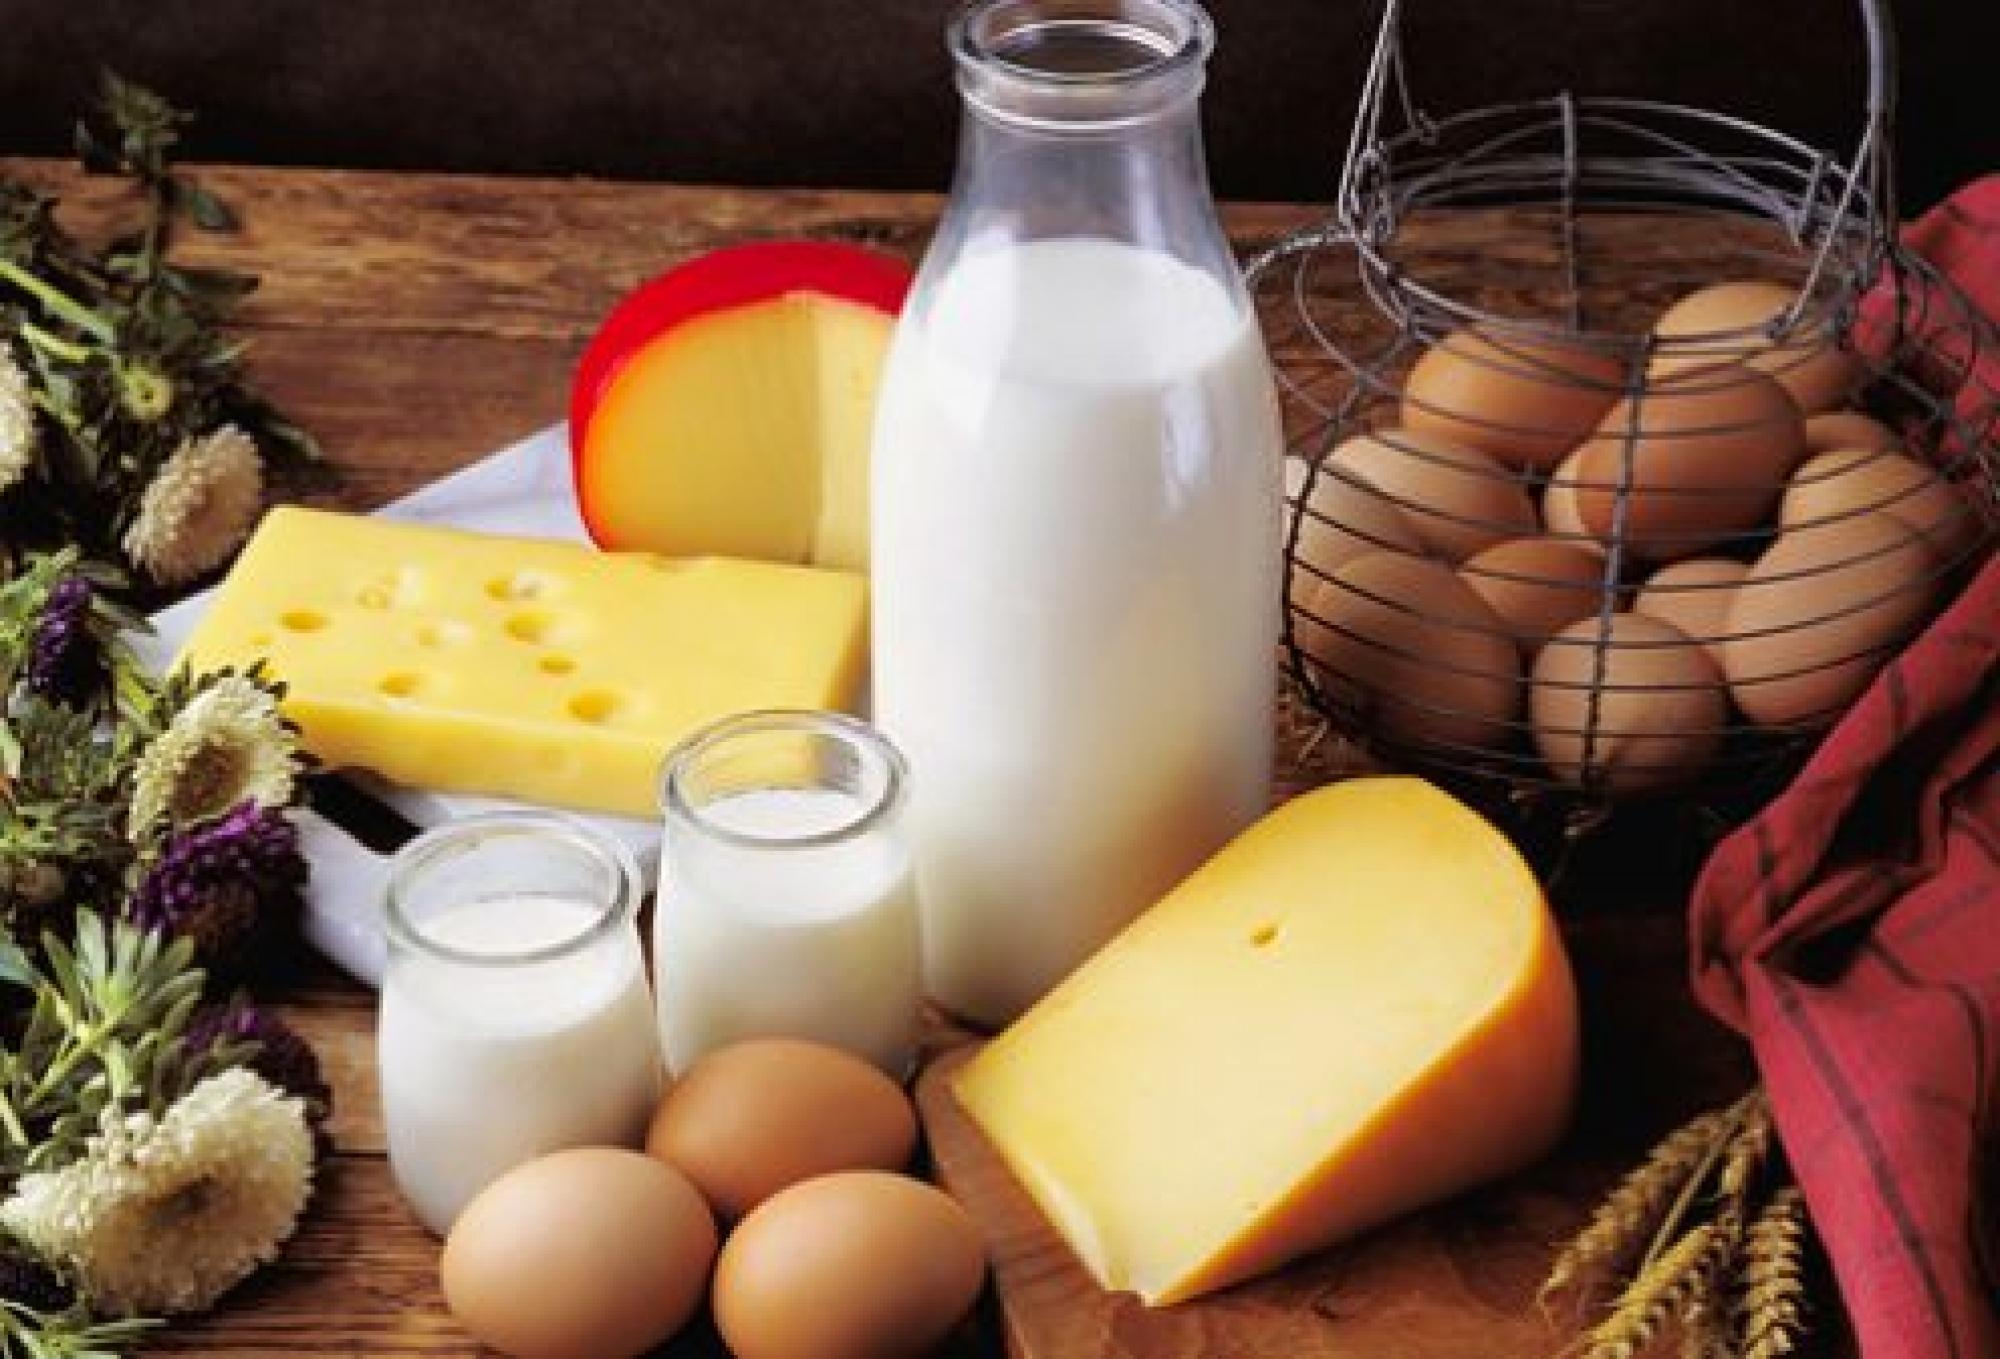 Курс еды: сравниваем цены в супермаркетах Вологды (2-9 февраля)